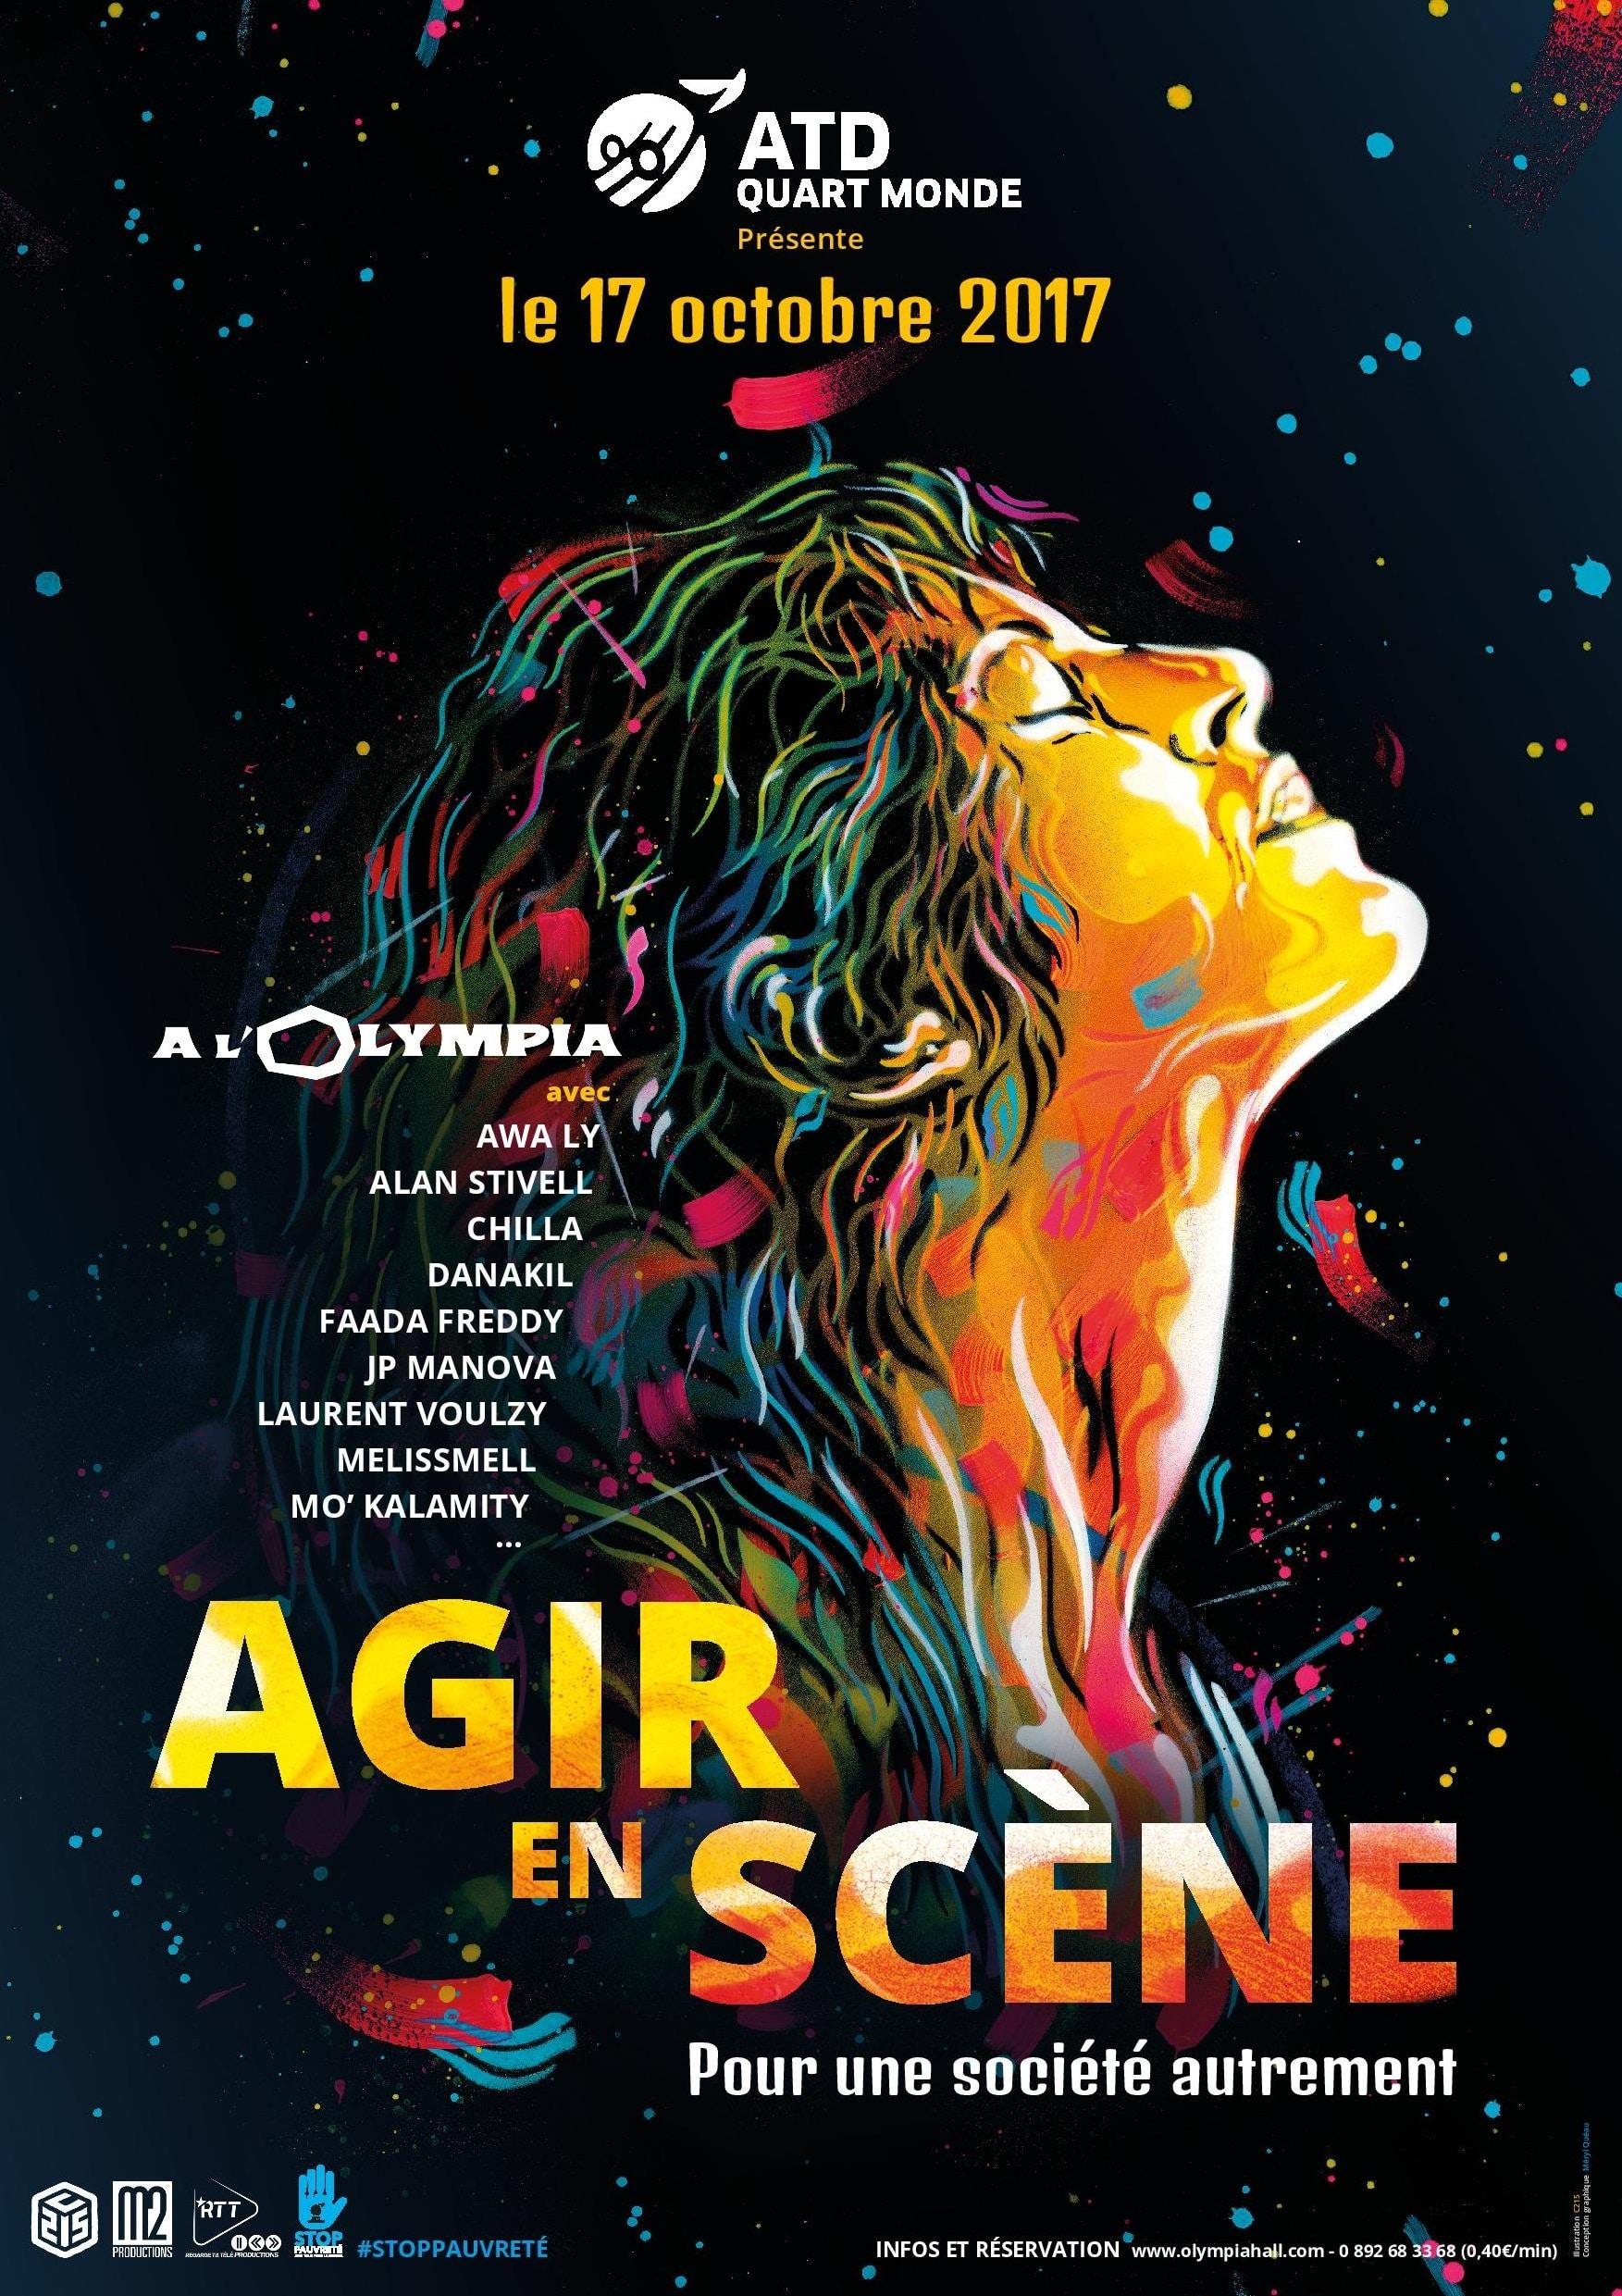 """La célèbre salle parisienne abritera """"Agir en scène"""", un concert caritatif exceptionnel pour lutter contre la pauvreté."""